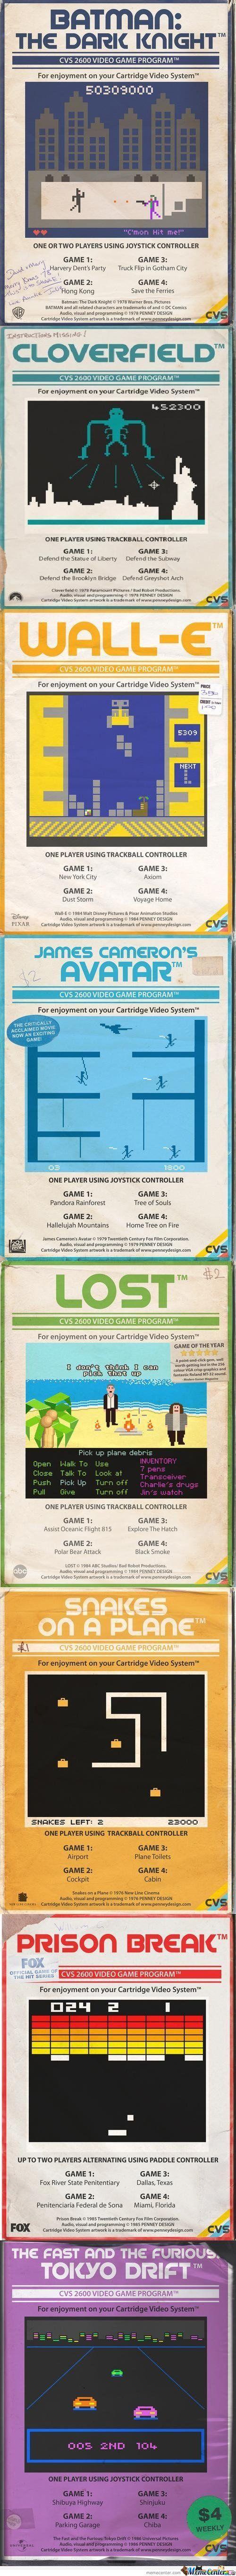 re-interpretation of movies into vintage video games